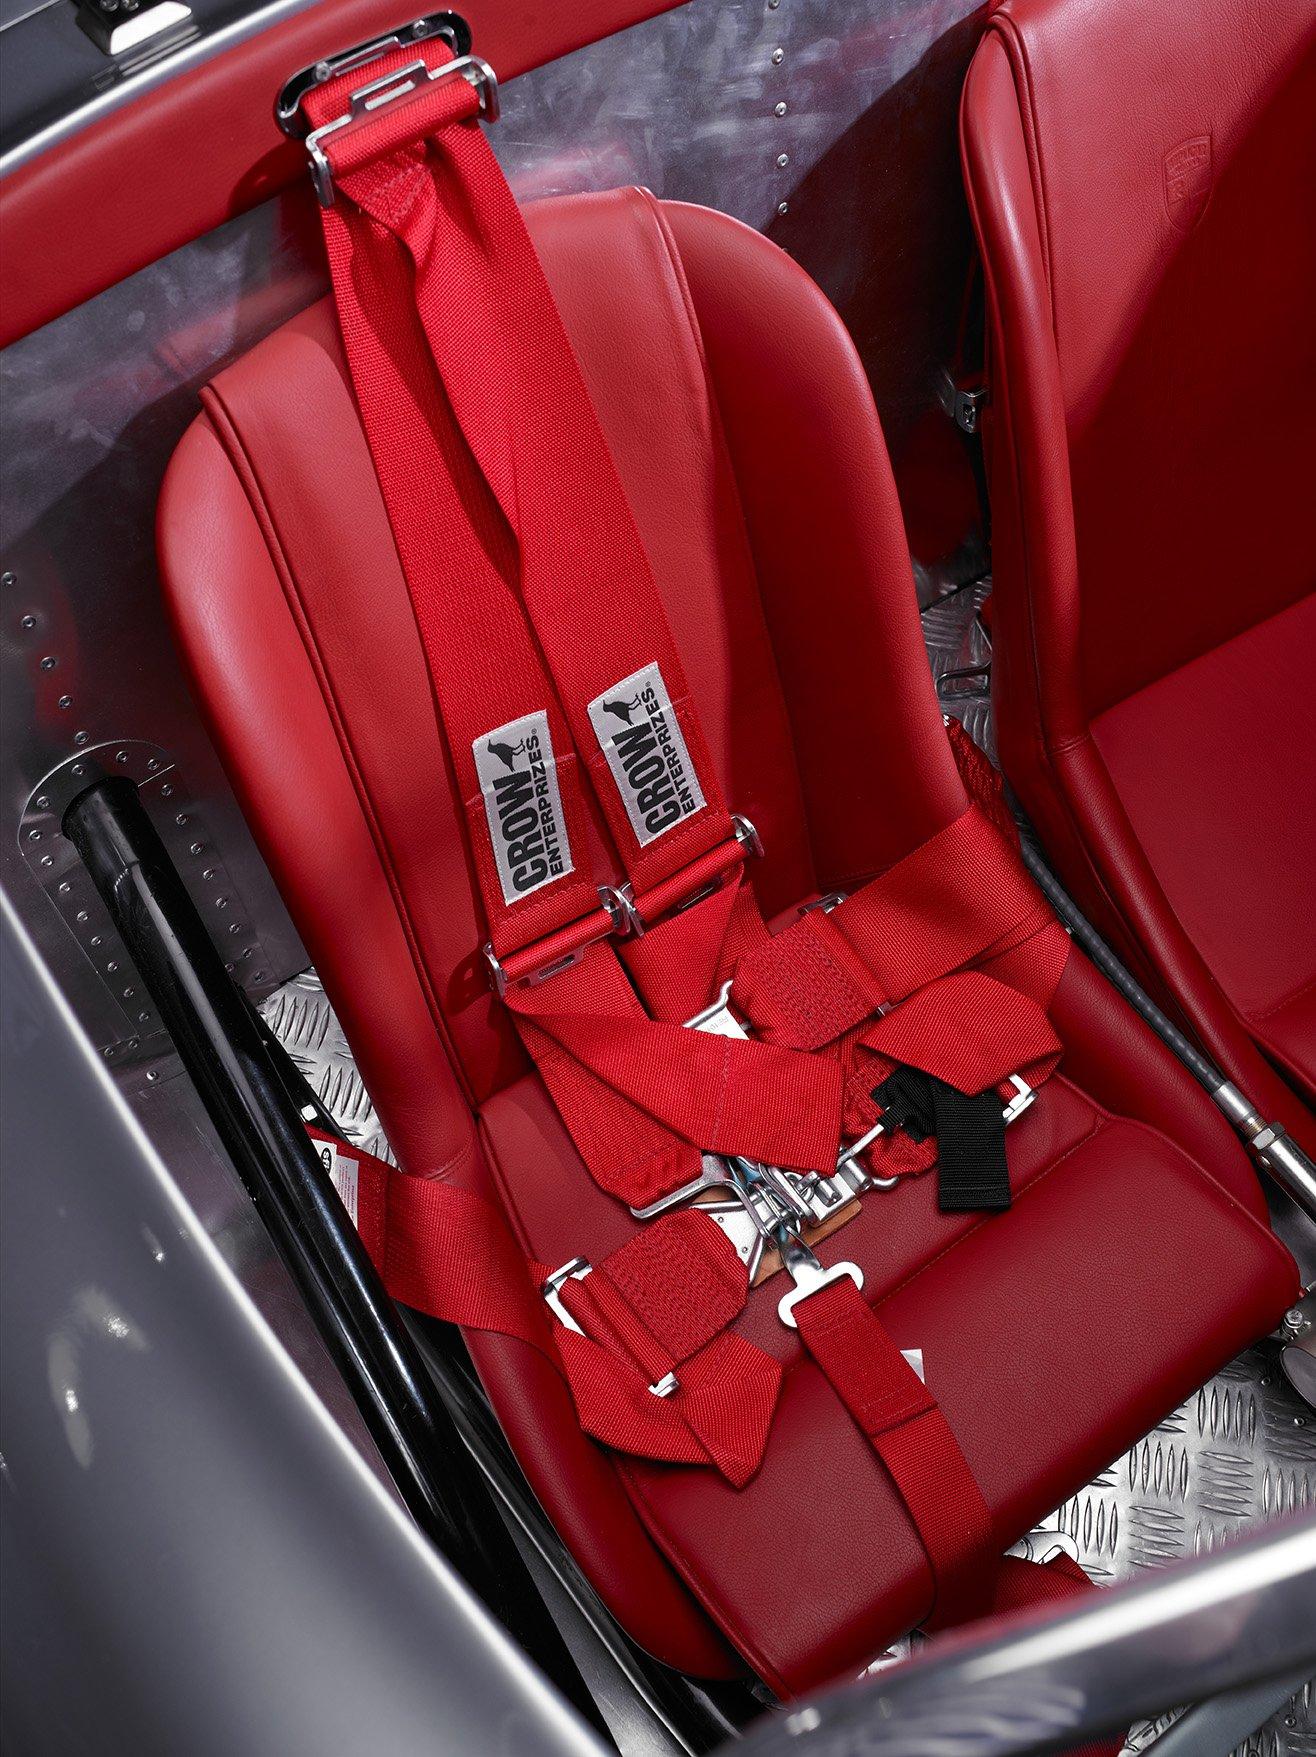 RCH 550 seatbelts